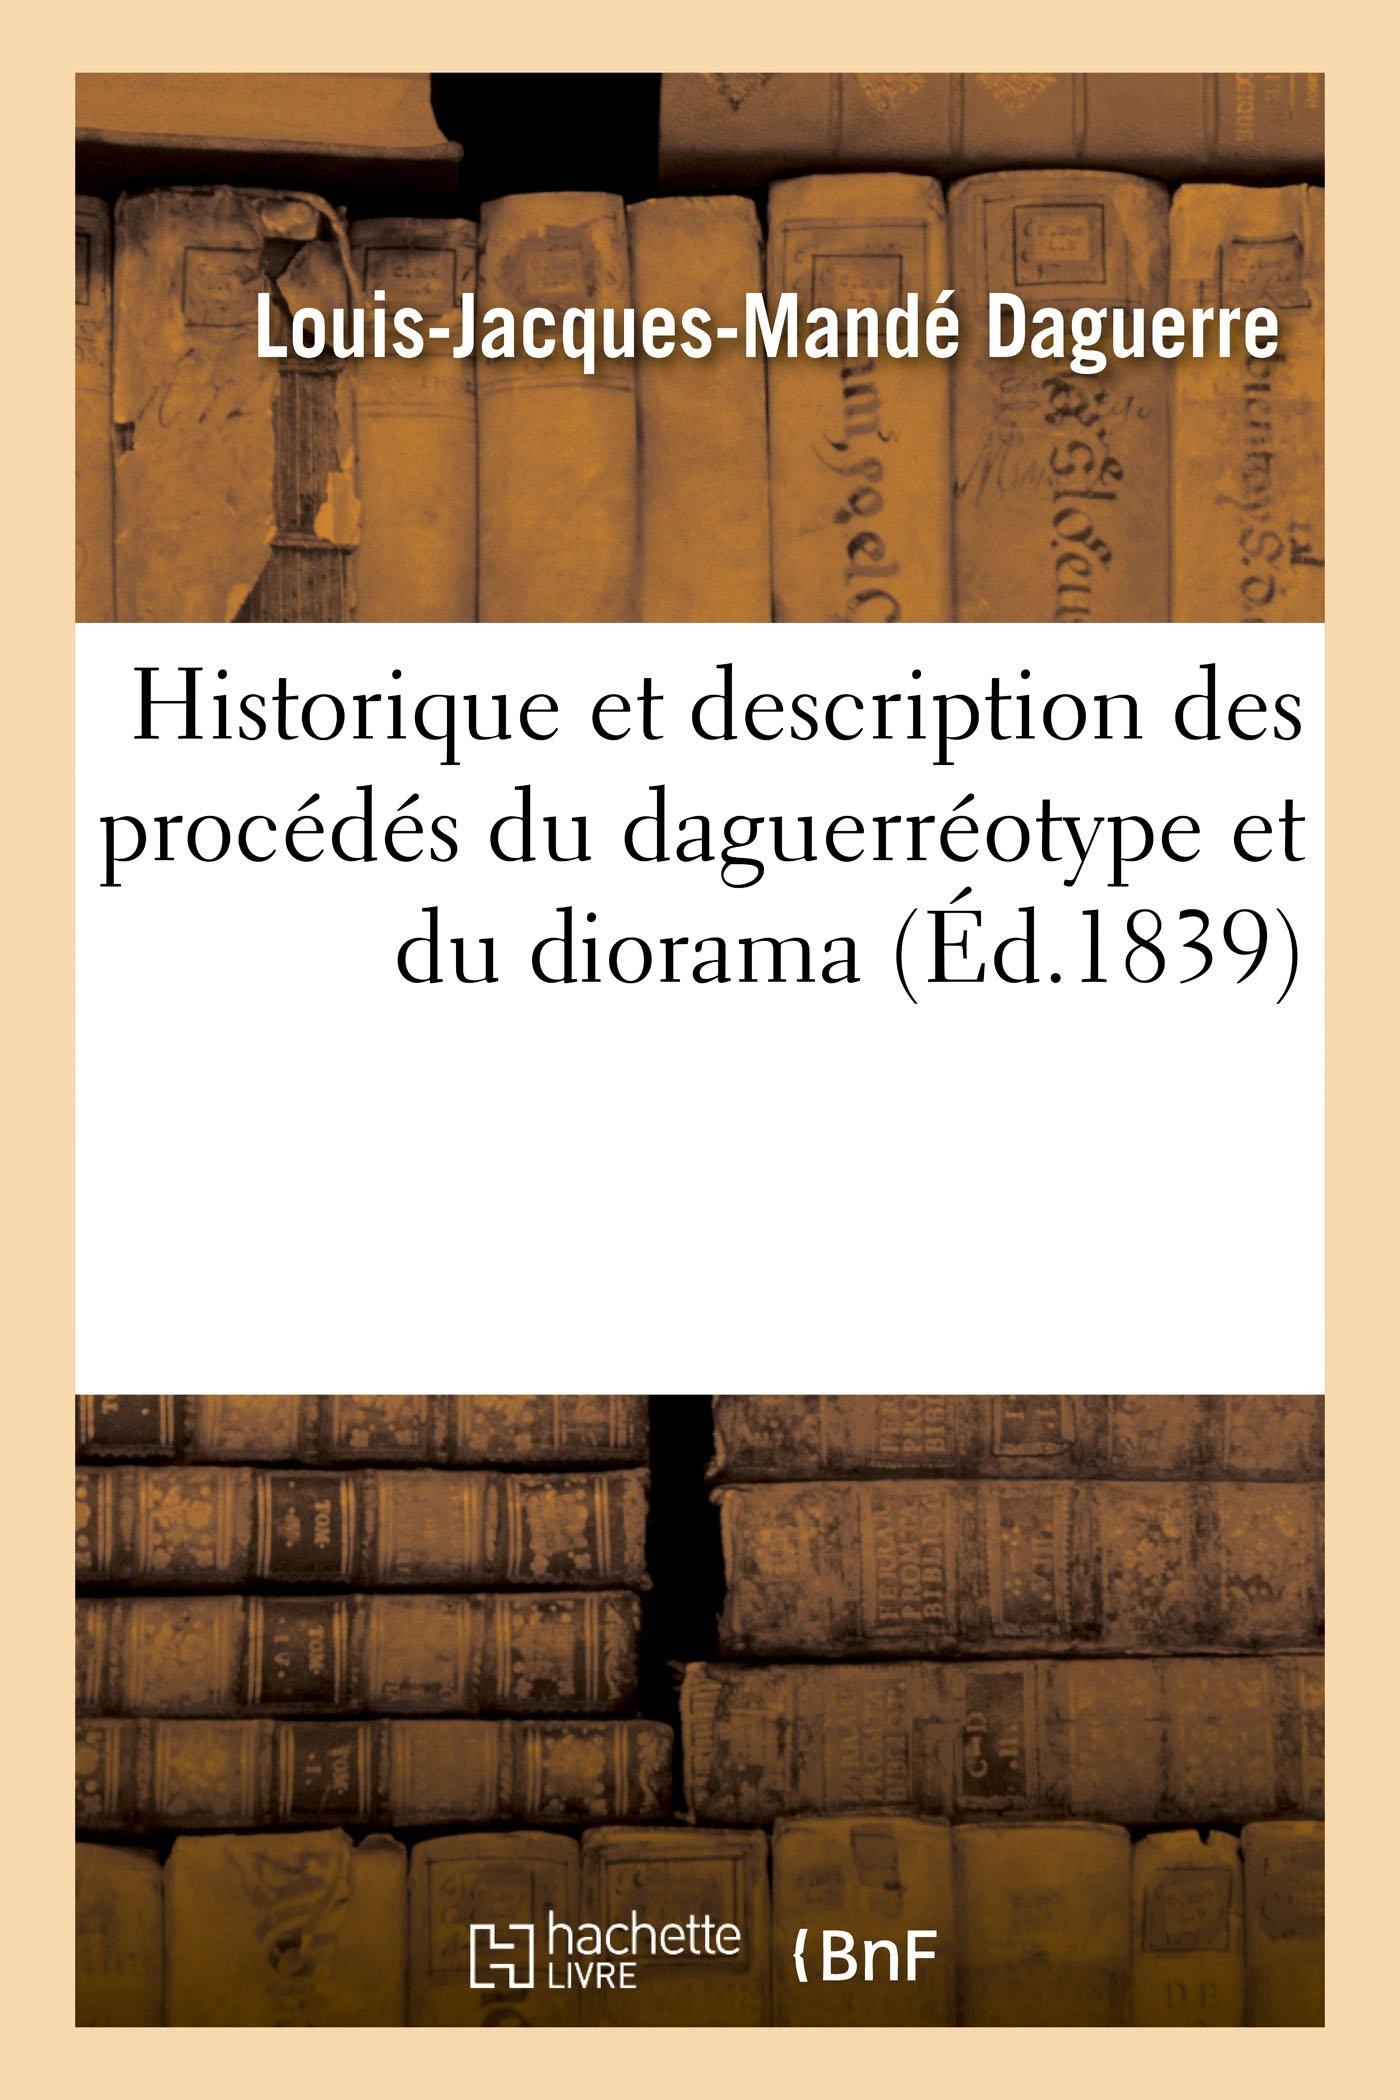 Historique Et Description Des Procédés Du Daguerréotype Et Du Diorama (Savoirs Et Traditions) (French Edition)